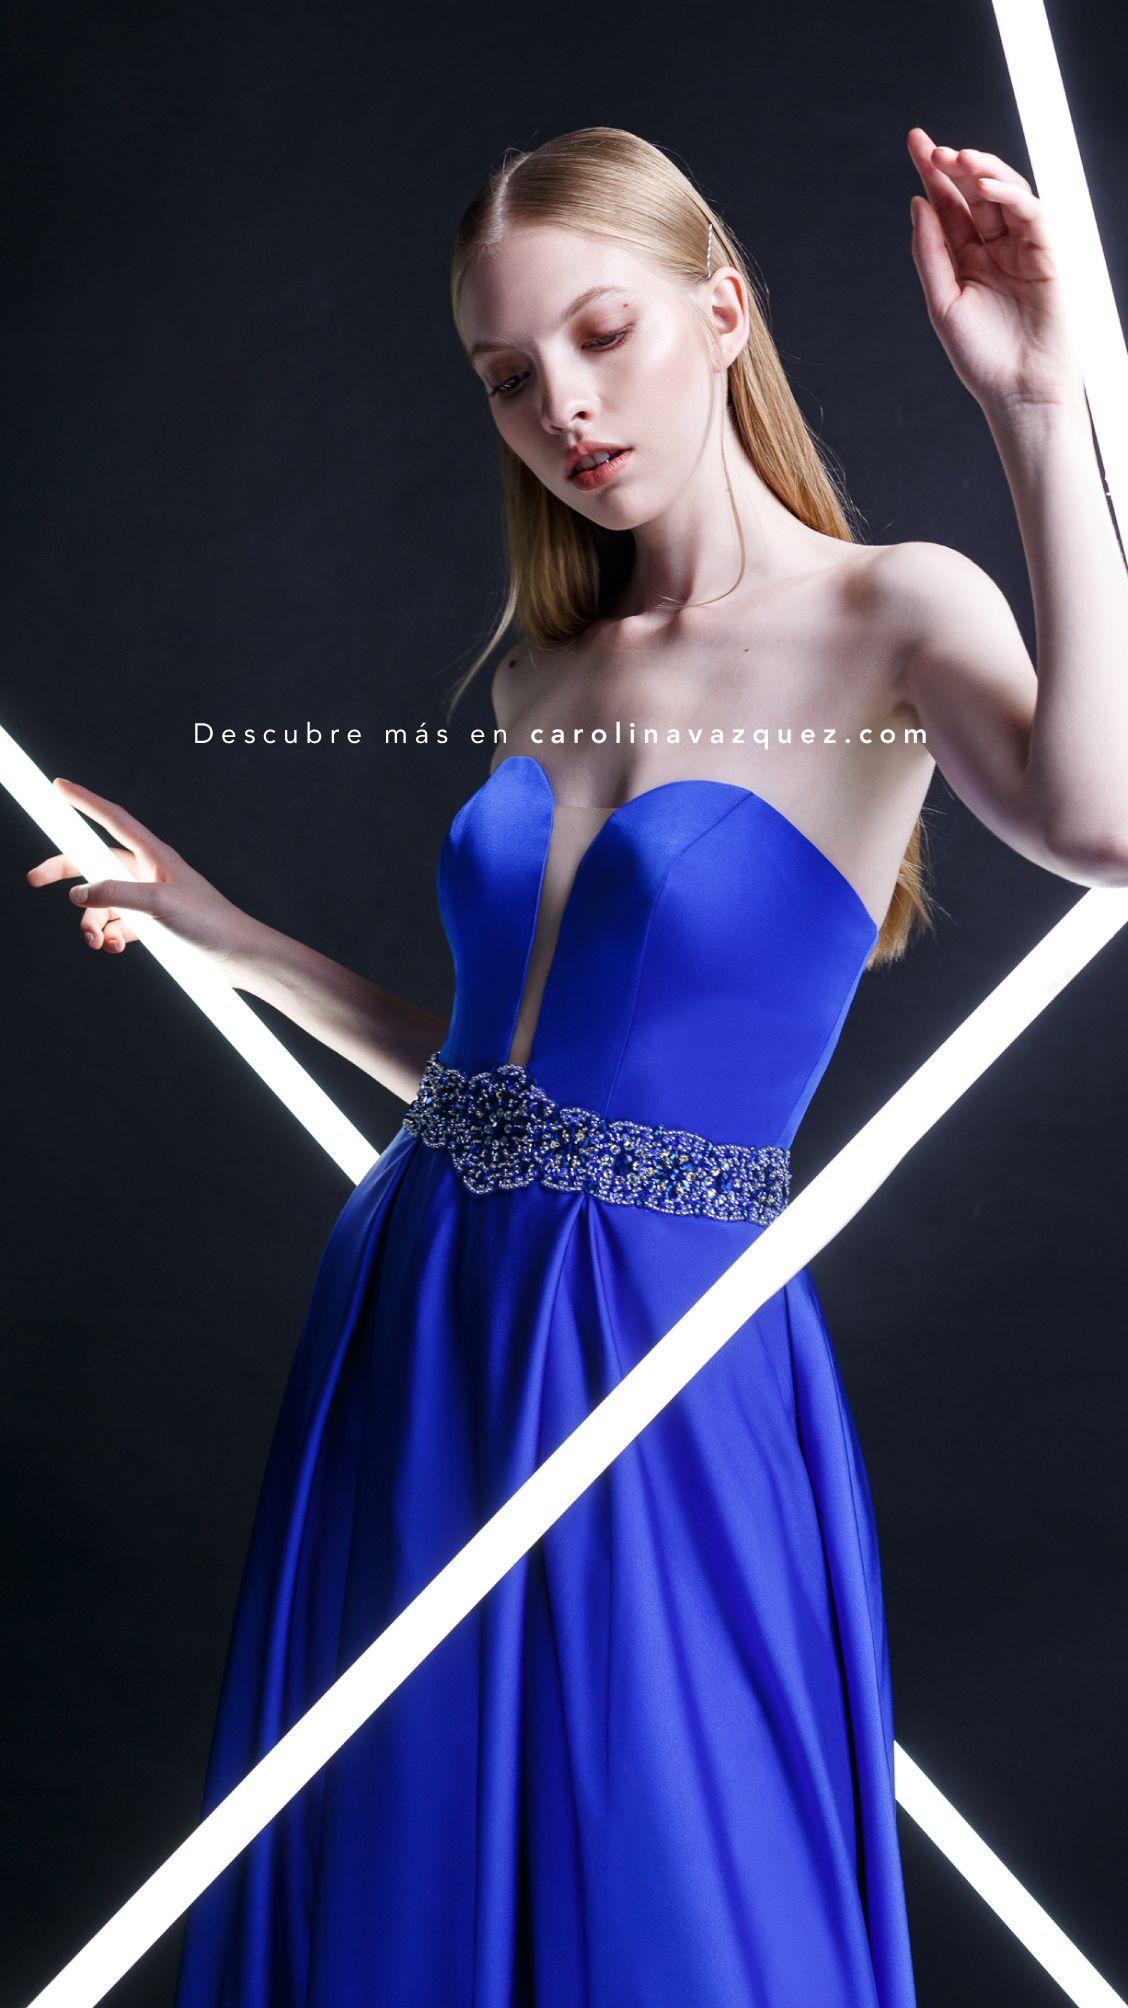 1d30fc1a9 Encuentra tu vestido ideal para concluir la mejor etapa de tu vida ...